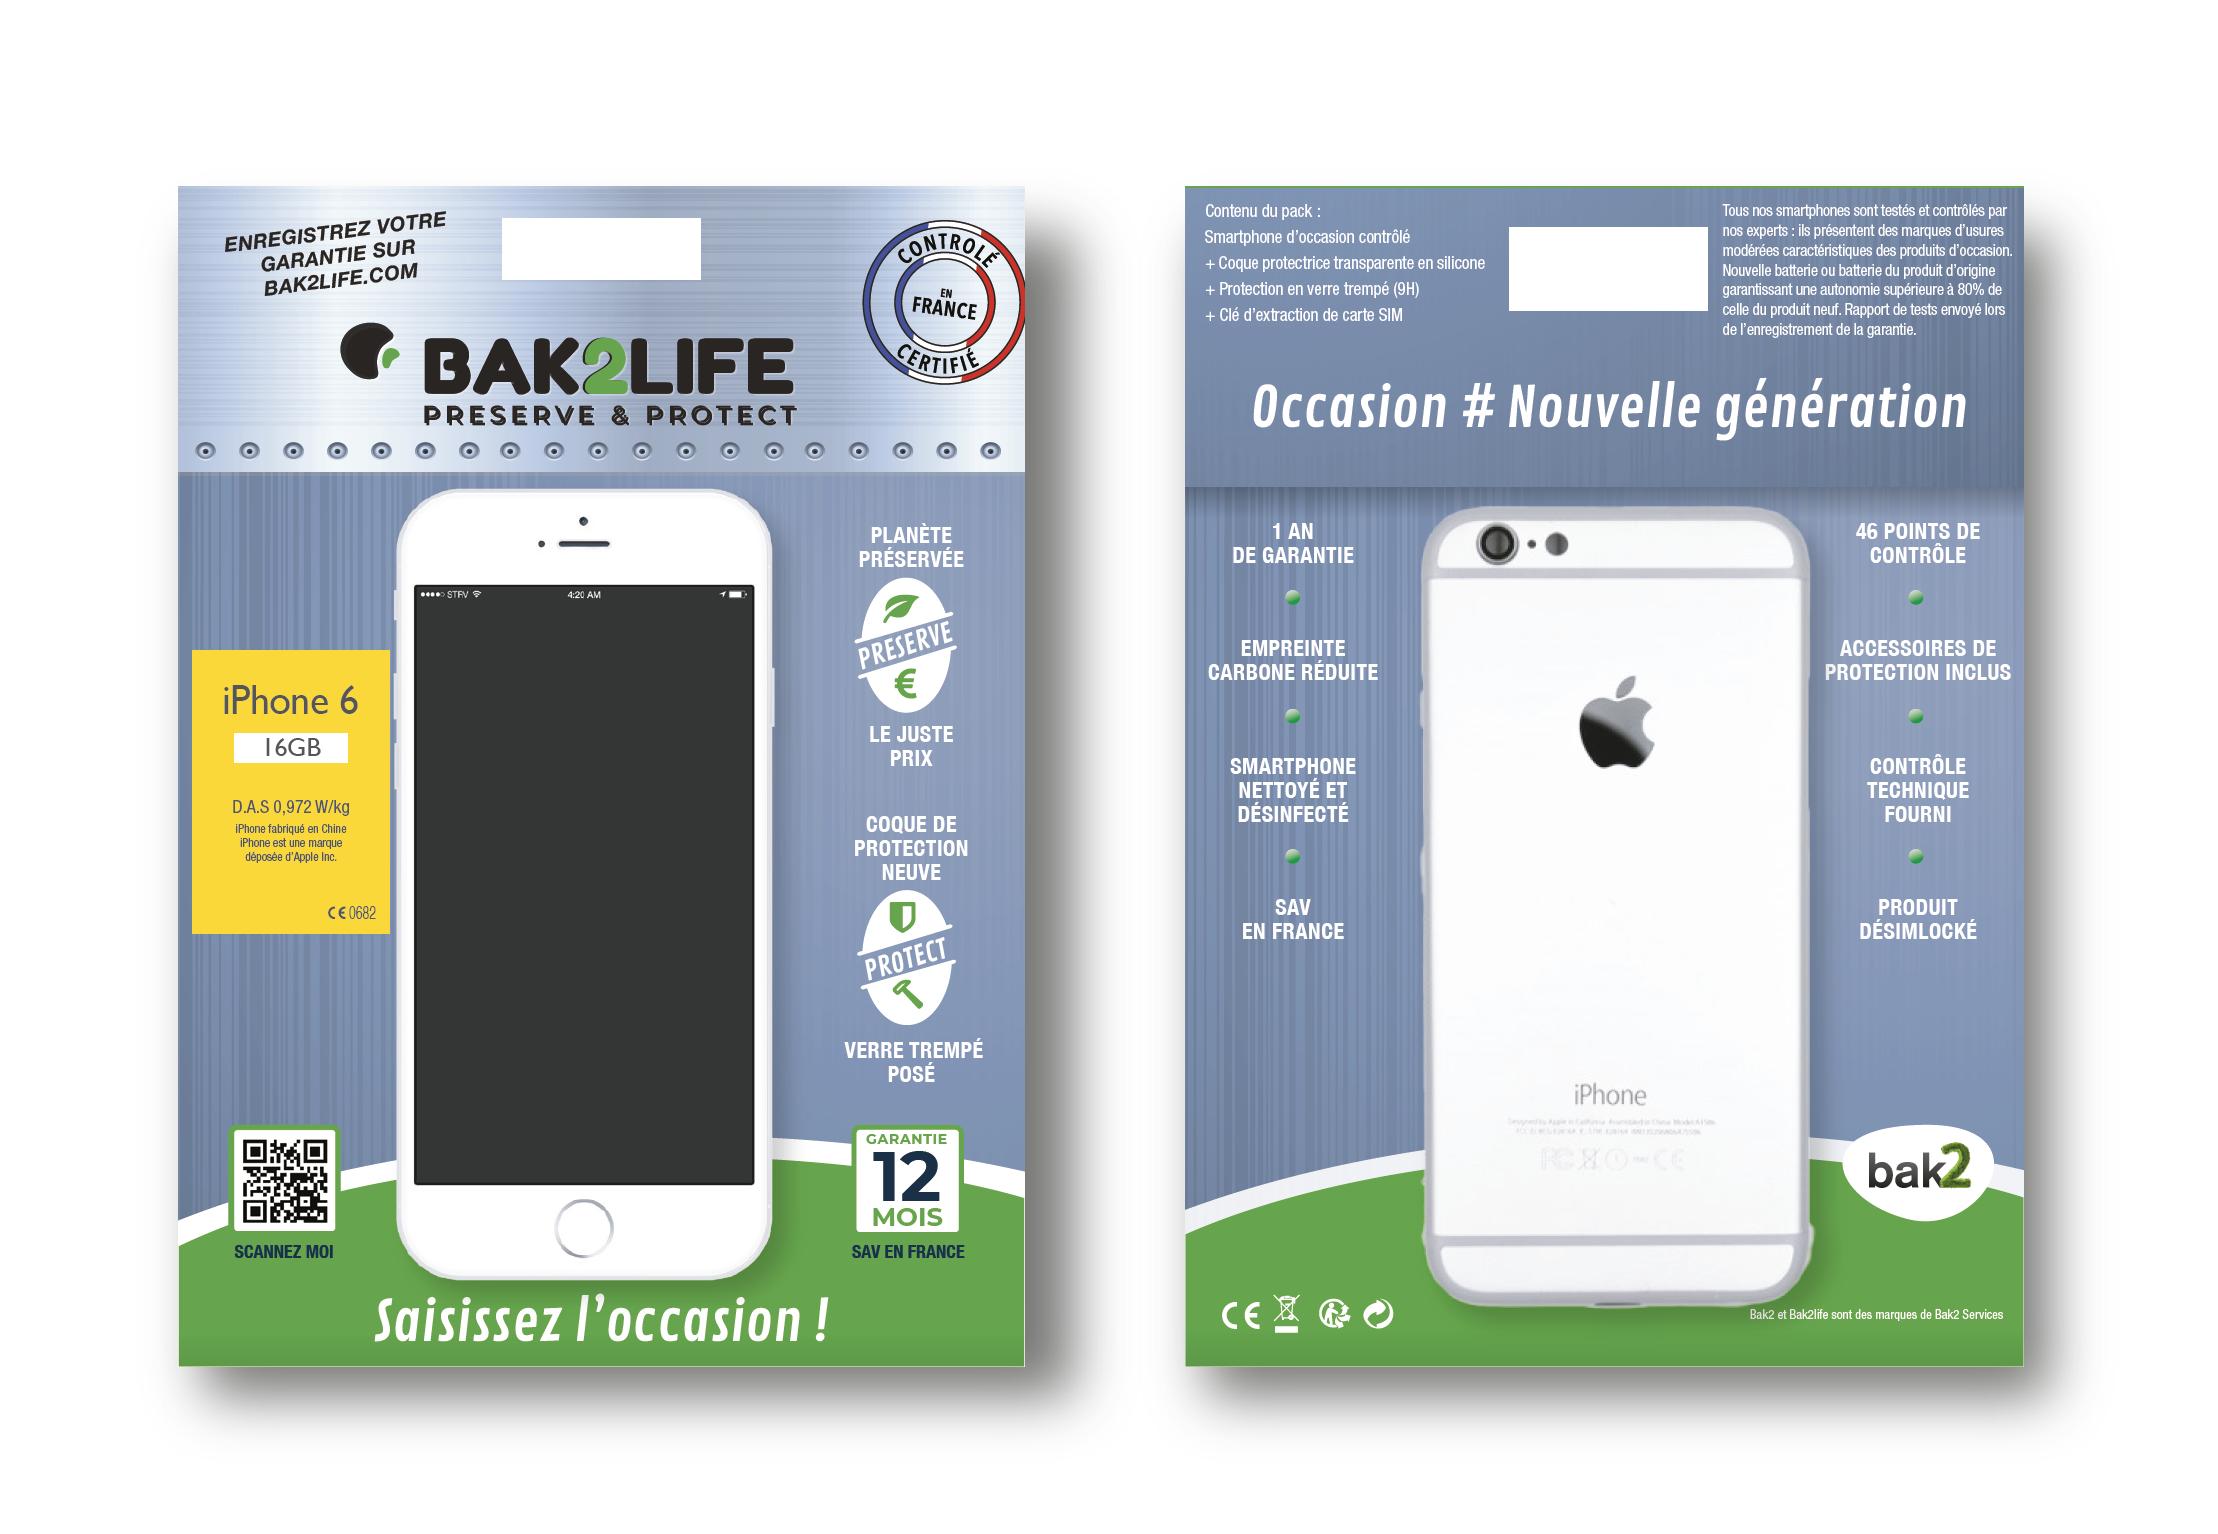 BAK2 Group Téléphones reconditionnés